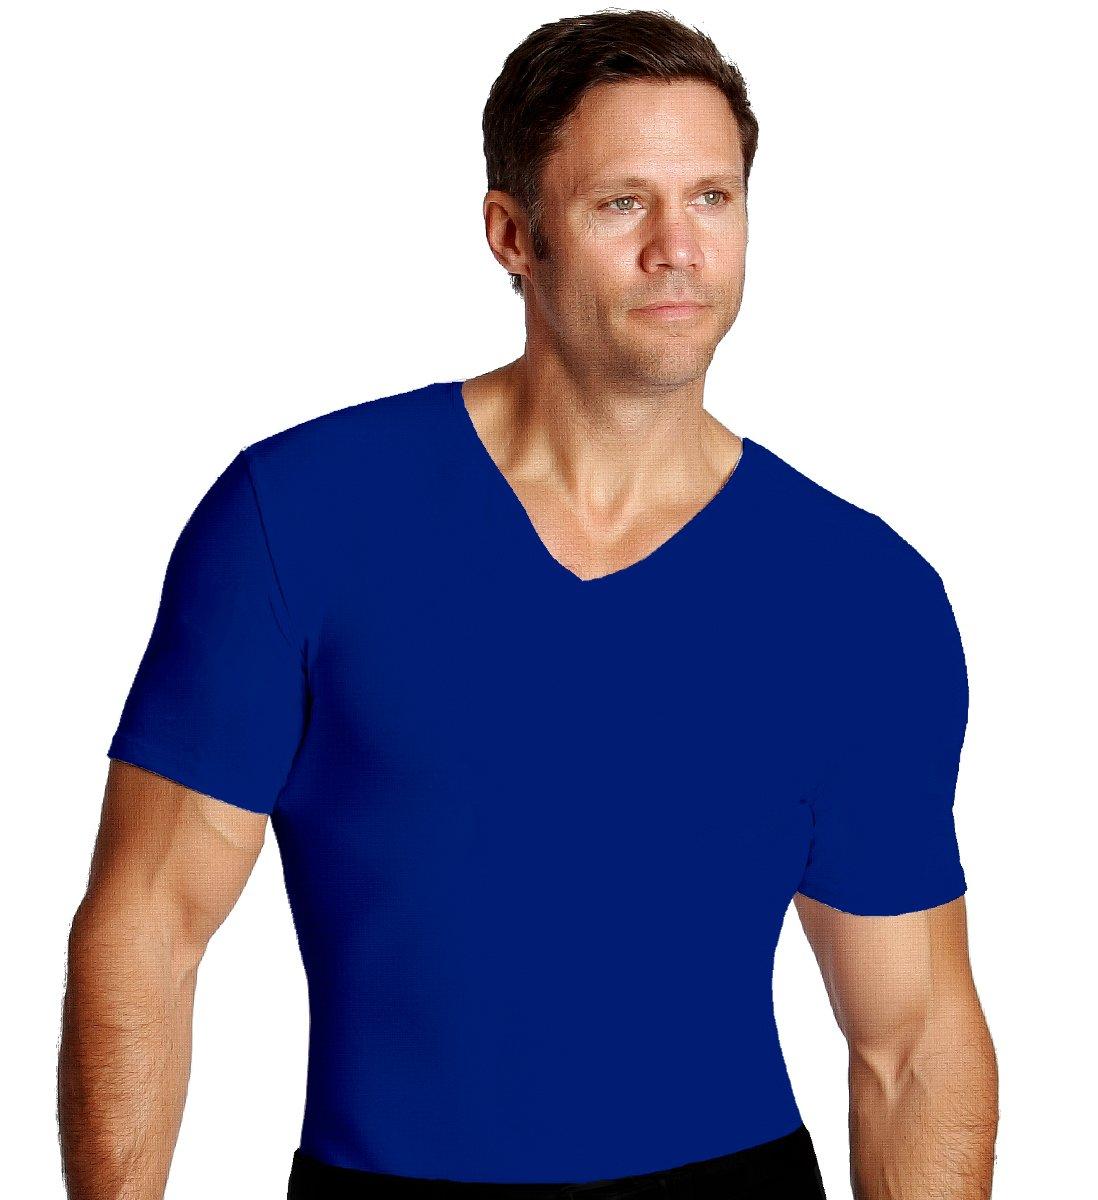 Insta Slim Men's V-Neck, Royal, Short Sleeve, T-Shirt